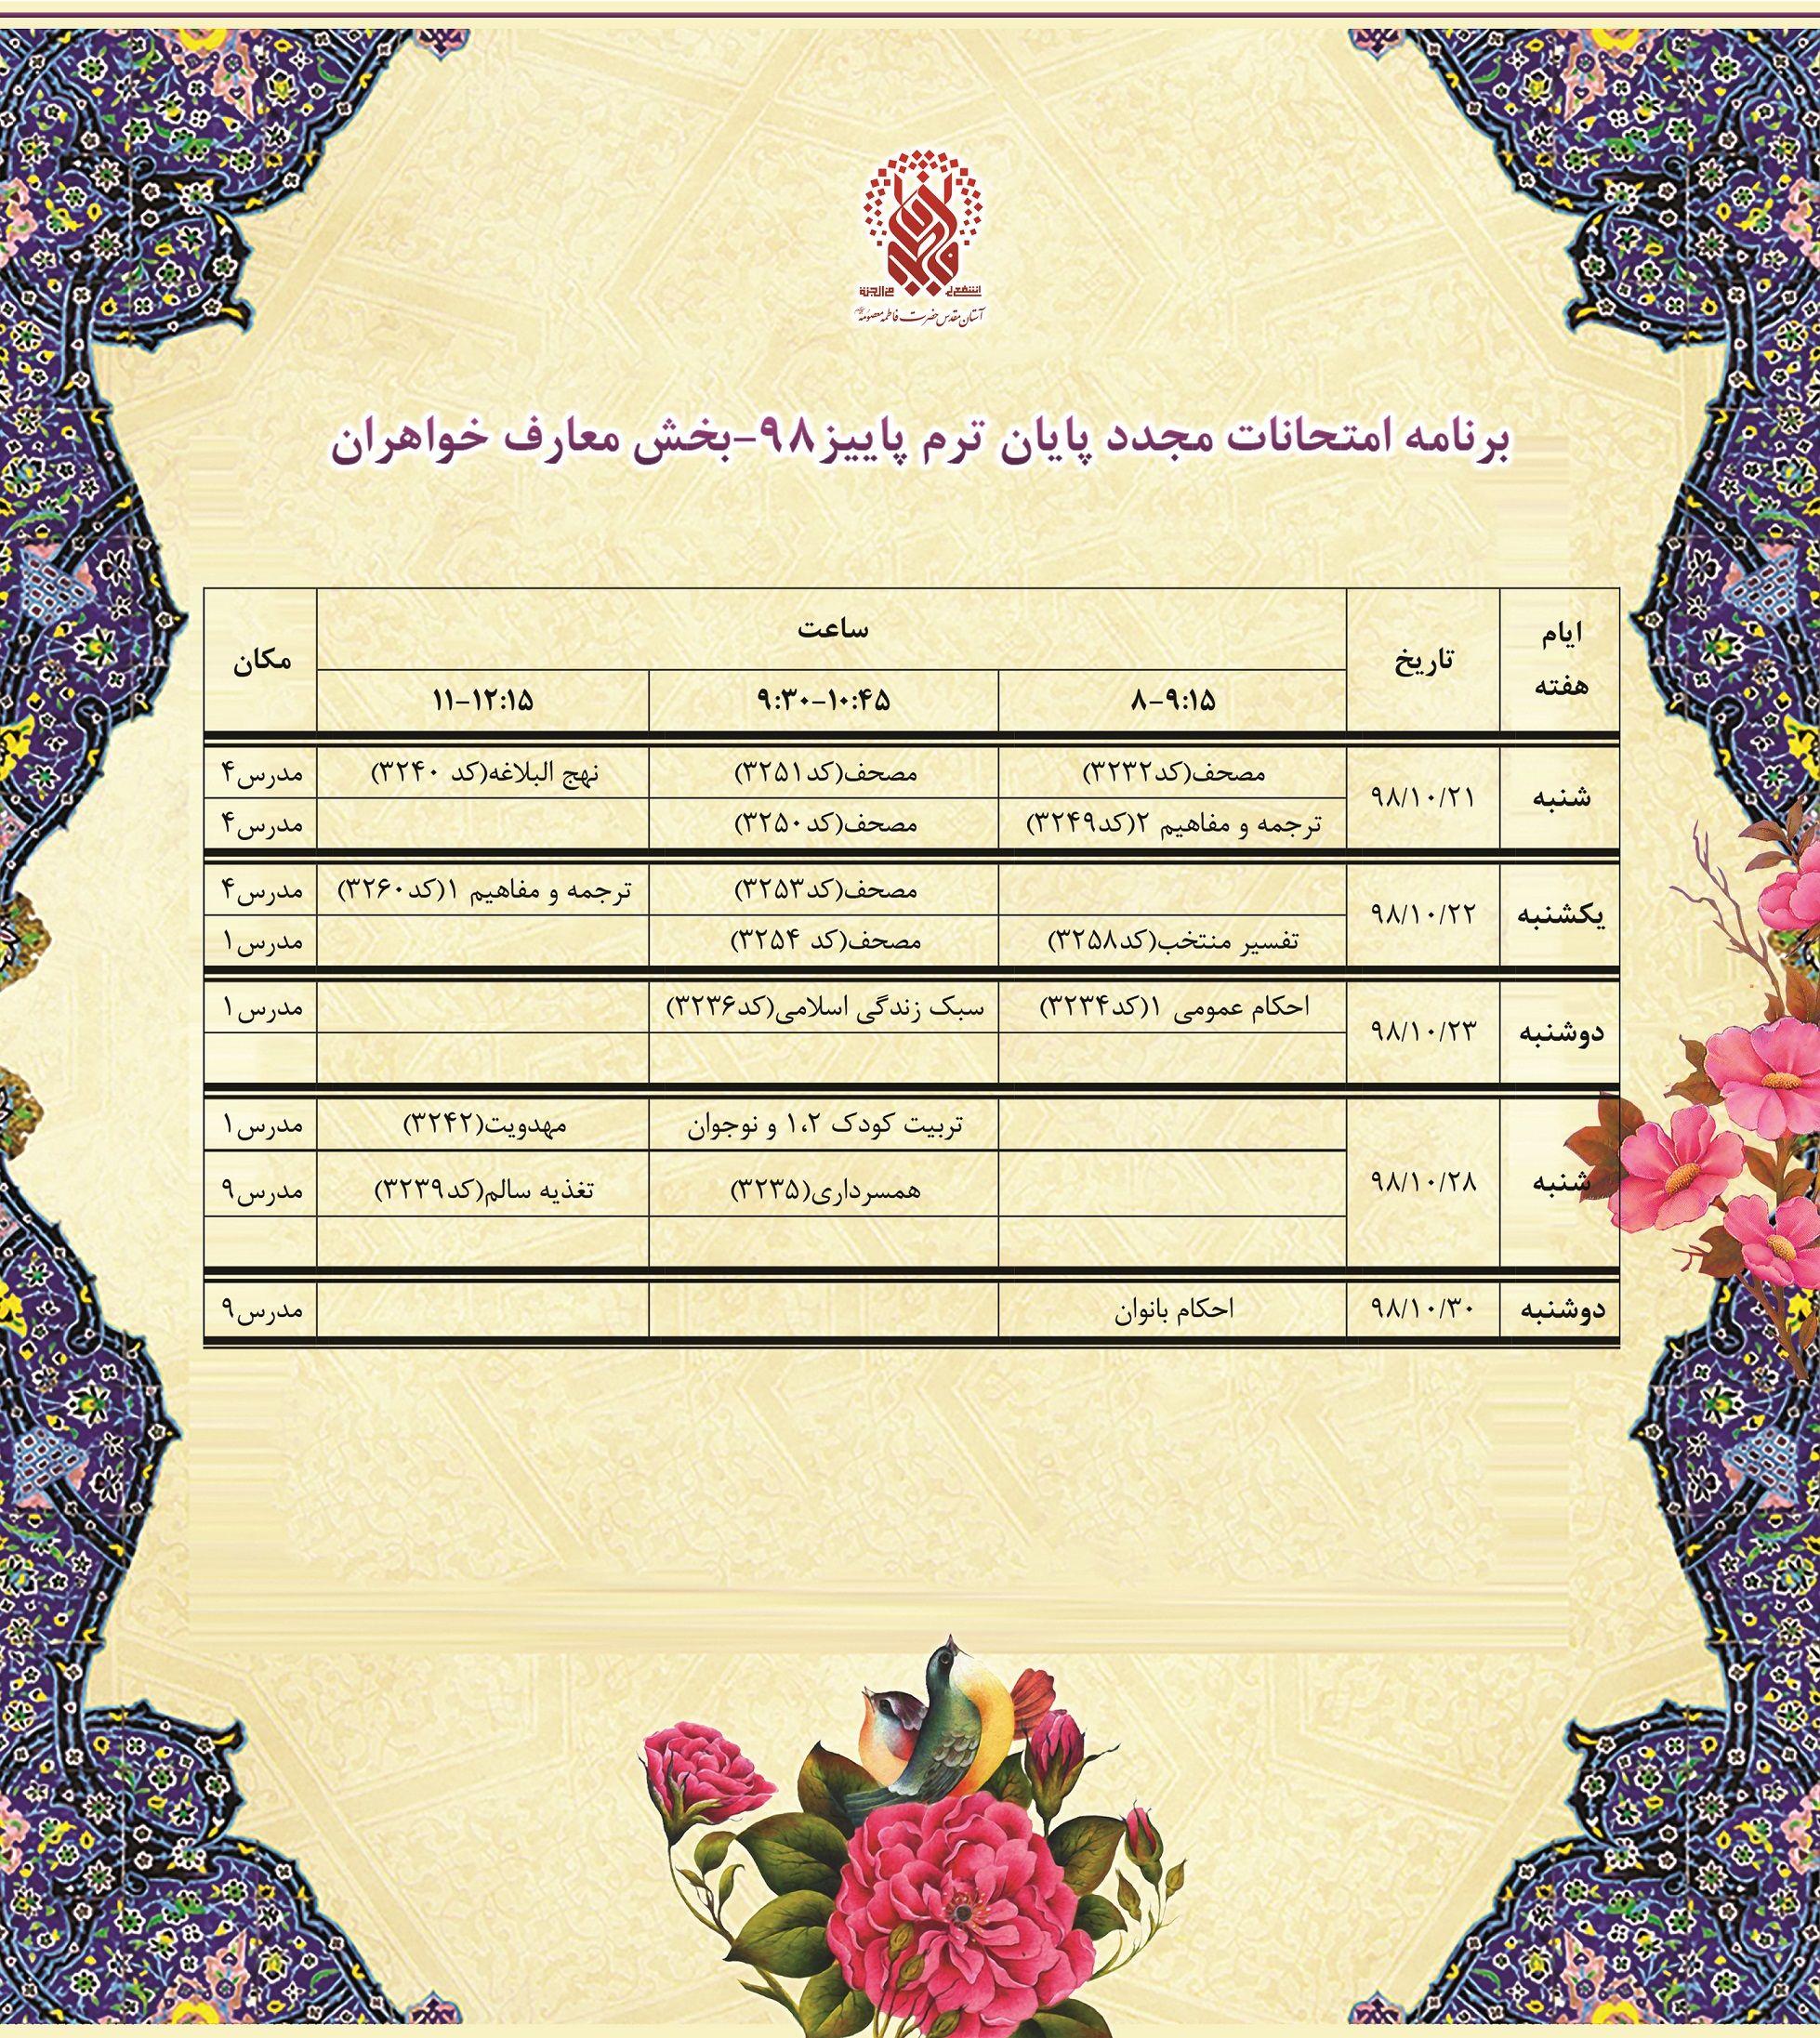 زمانبندی آزمونهای ترم پاییز ۹۸ معارف خواهران